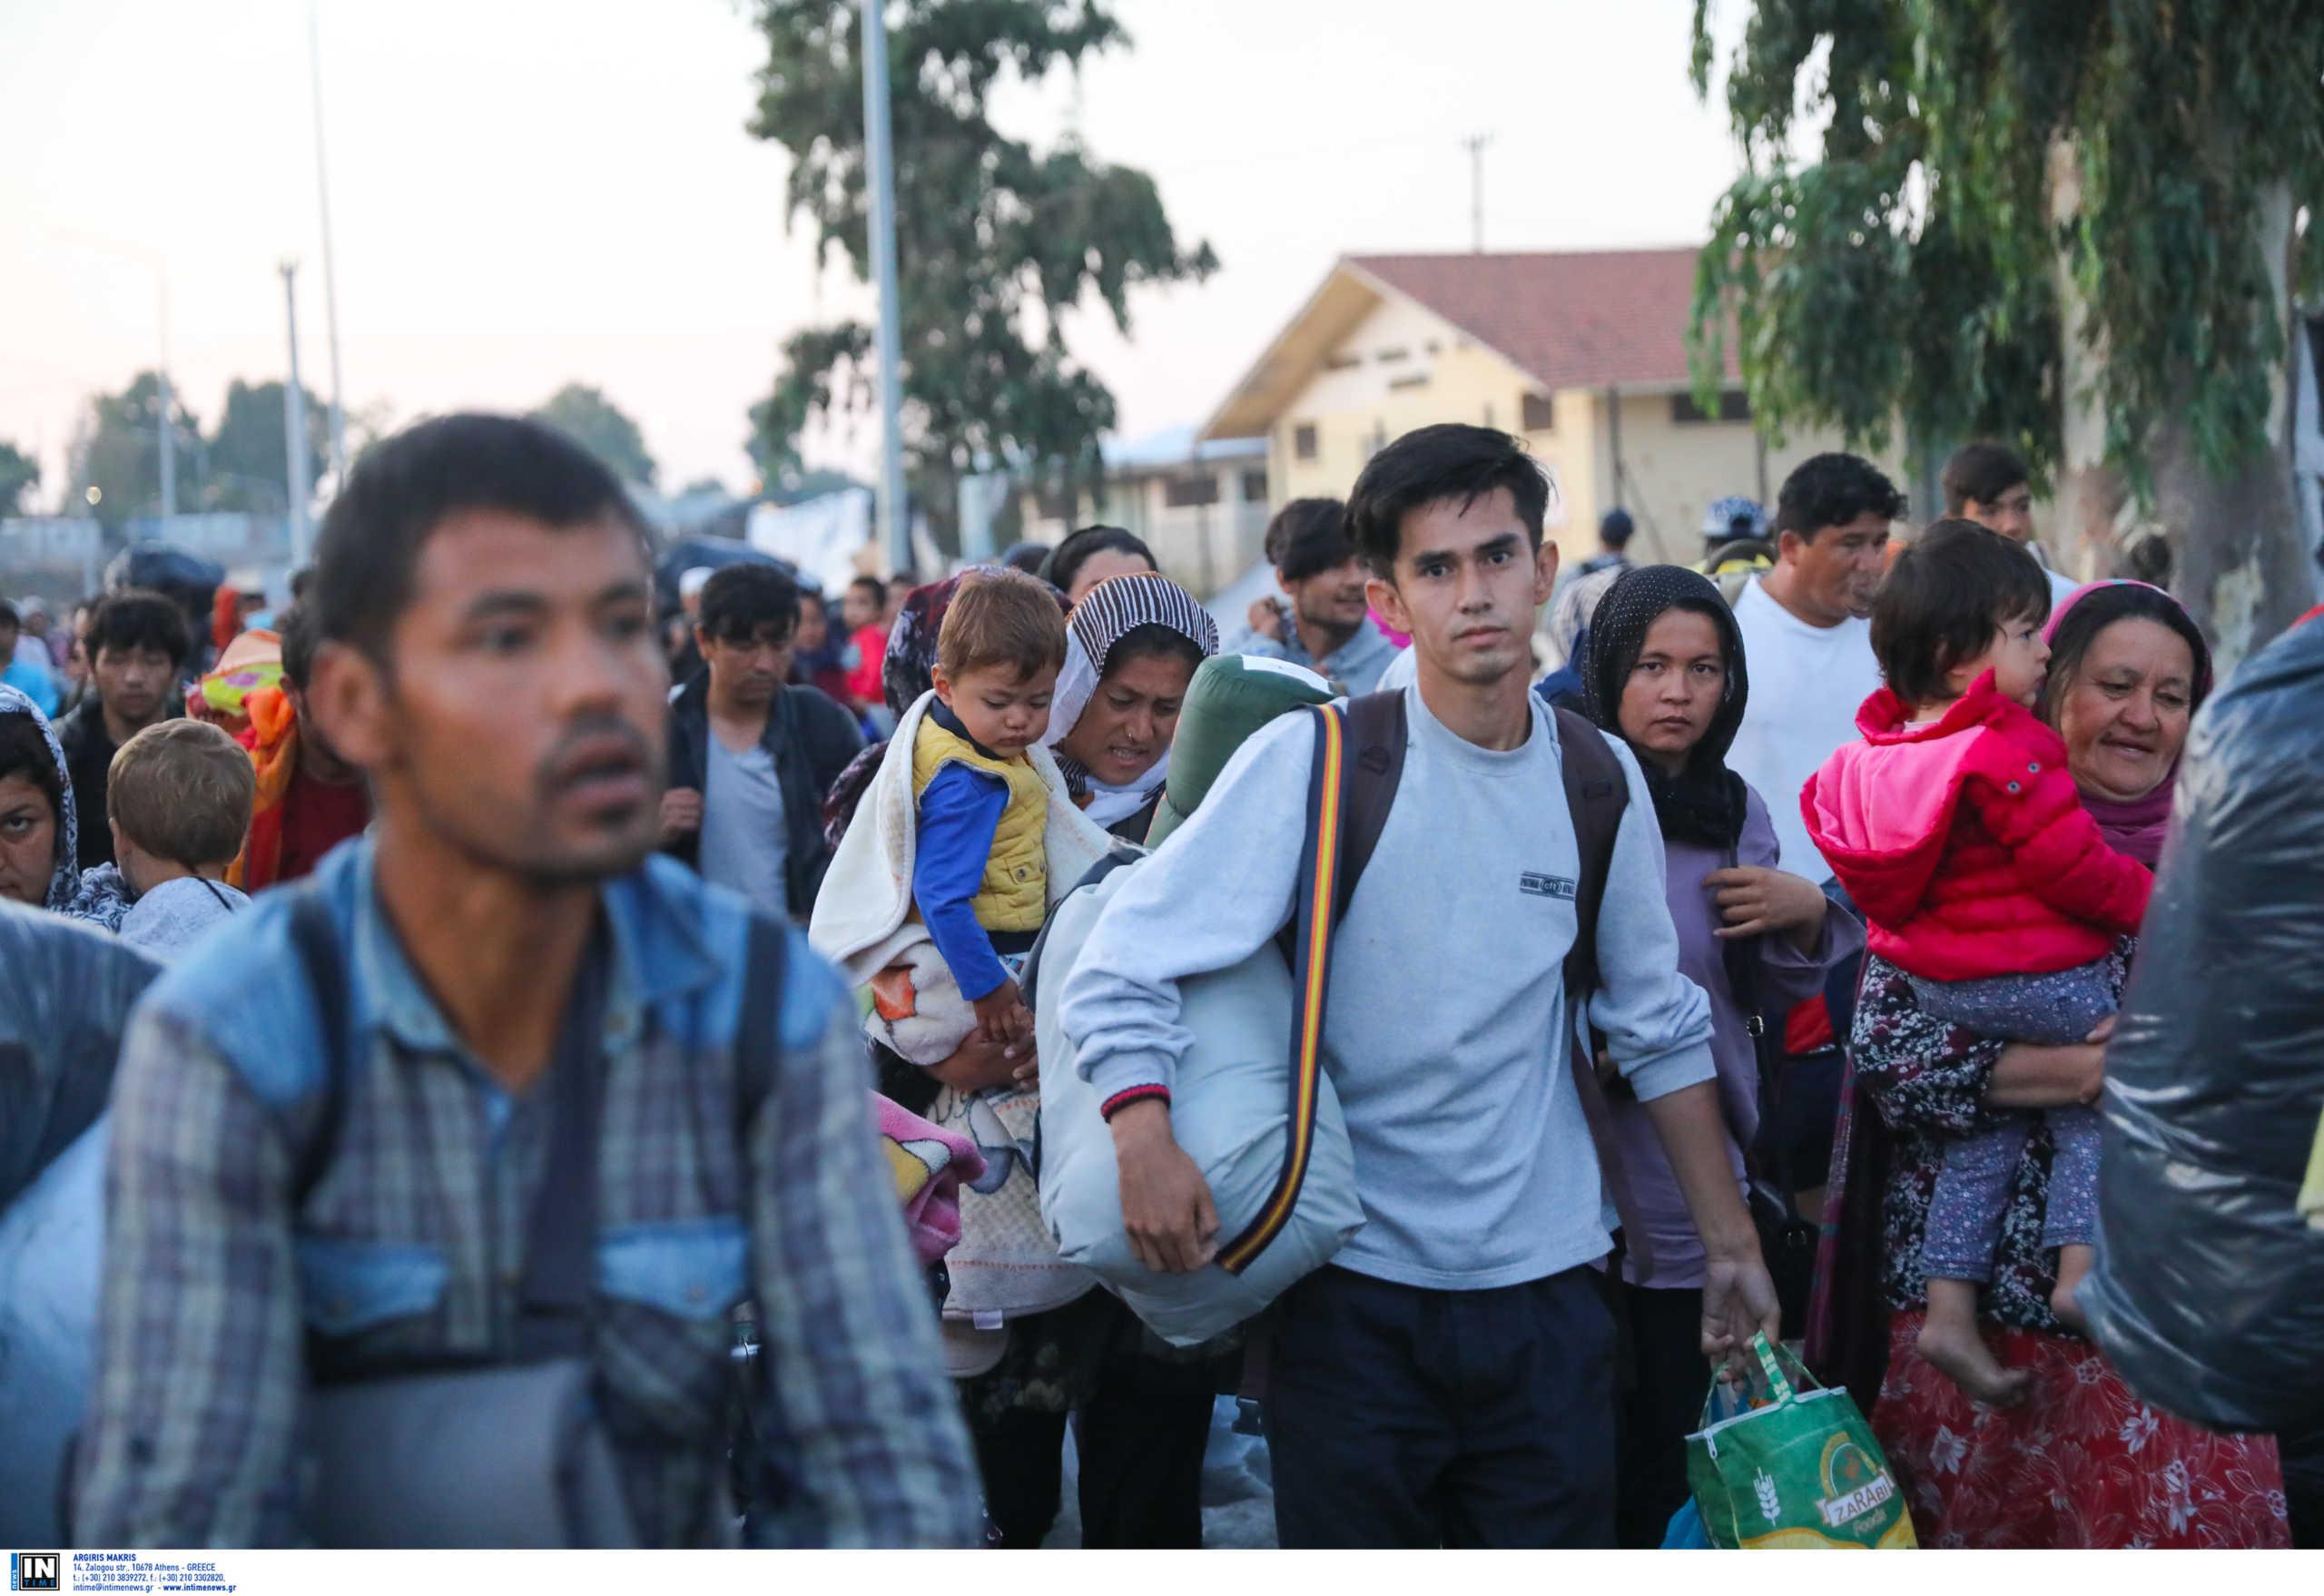 Λέσβος: Νέες εικόνες απελπισίας! Έτσι μπαίνουν στη νέα δομή του Κάρα Τεπέ χιλιάδες πρόσφυγες και μετανάστες (Φωτό)